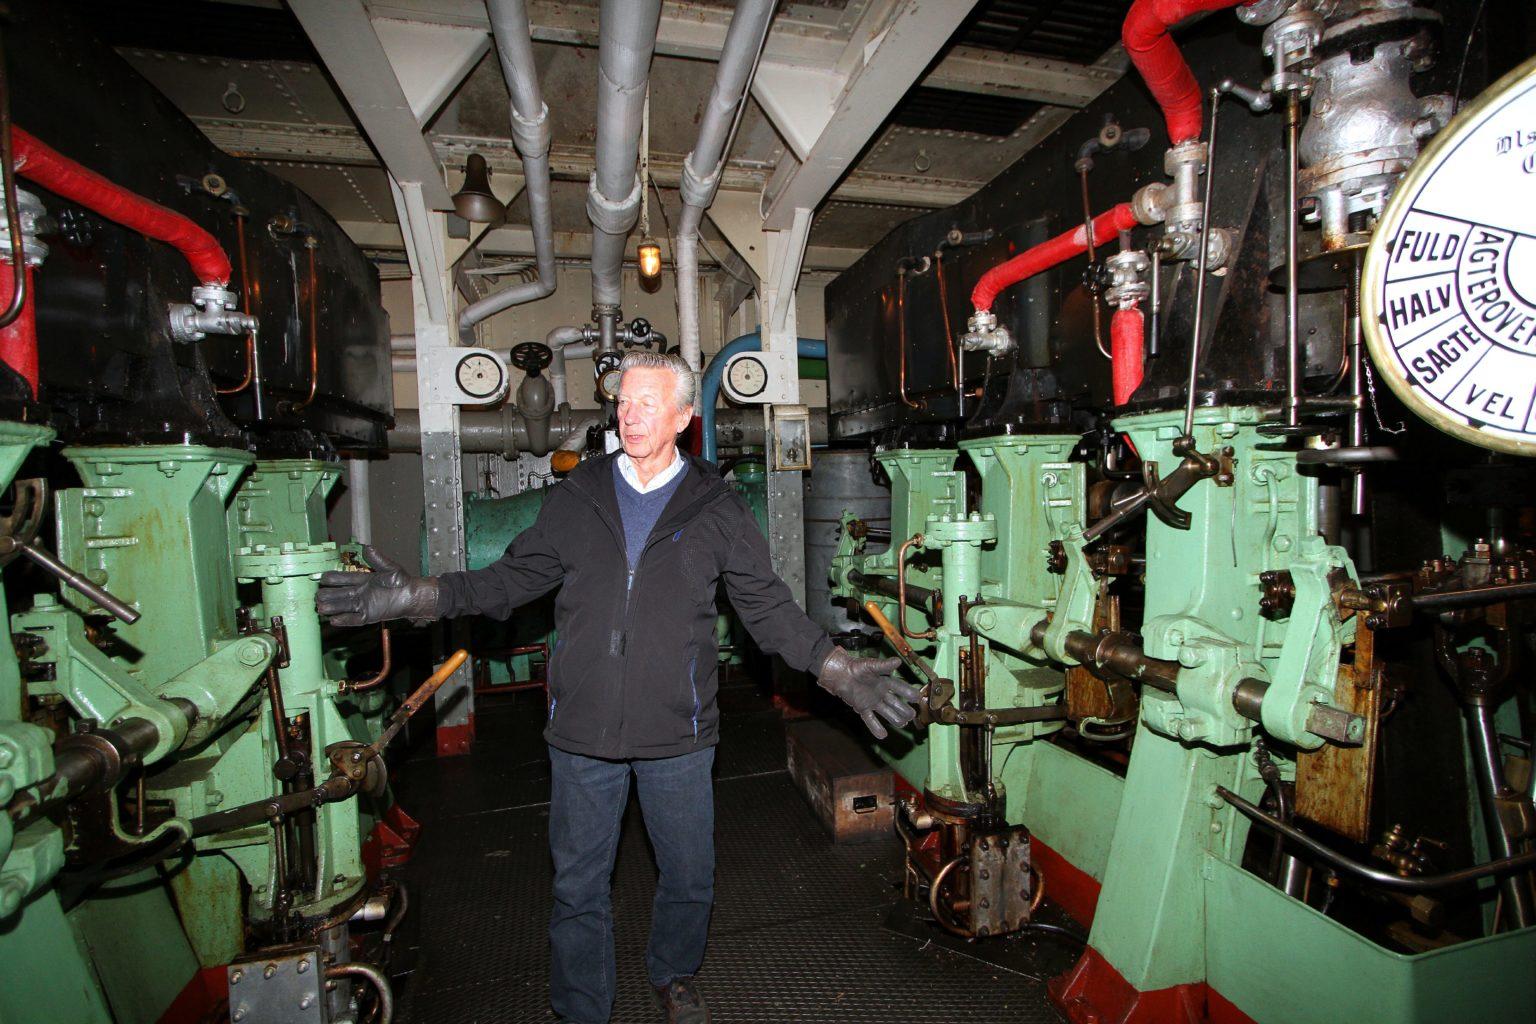 Takket være en handlekraftig skipper og styrmann og en storstilt redningsaksjon unngikk Ammonia å havne på Tinnsjøens bunn. -Marginene var på vår side, sier Ivan Christoffersen. (Foto: Knut Heggenes, Varden).